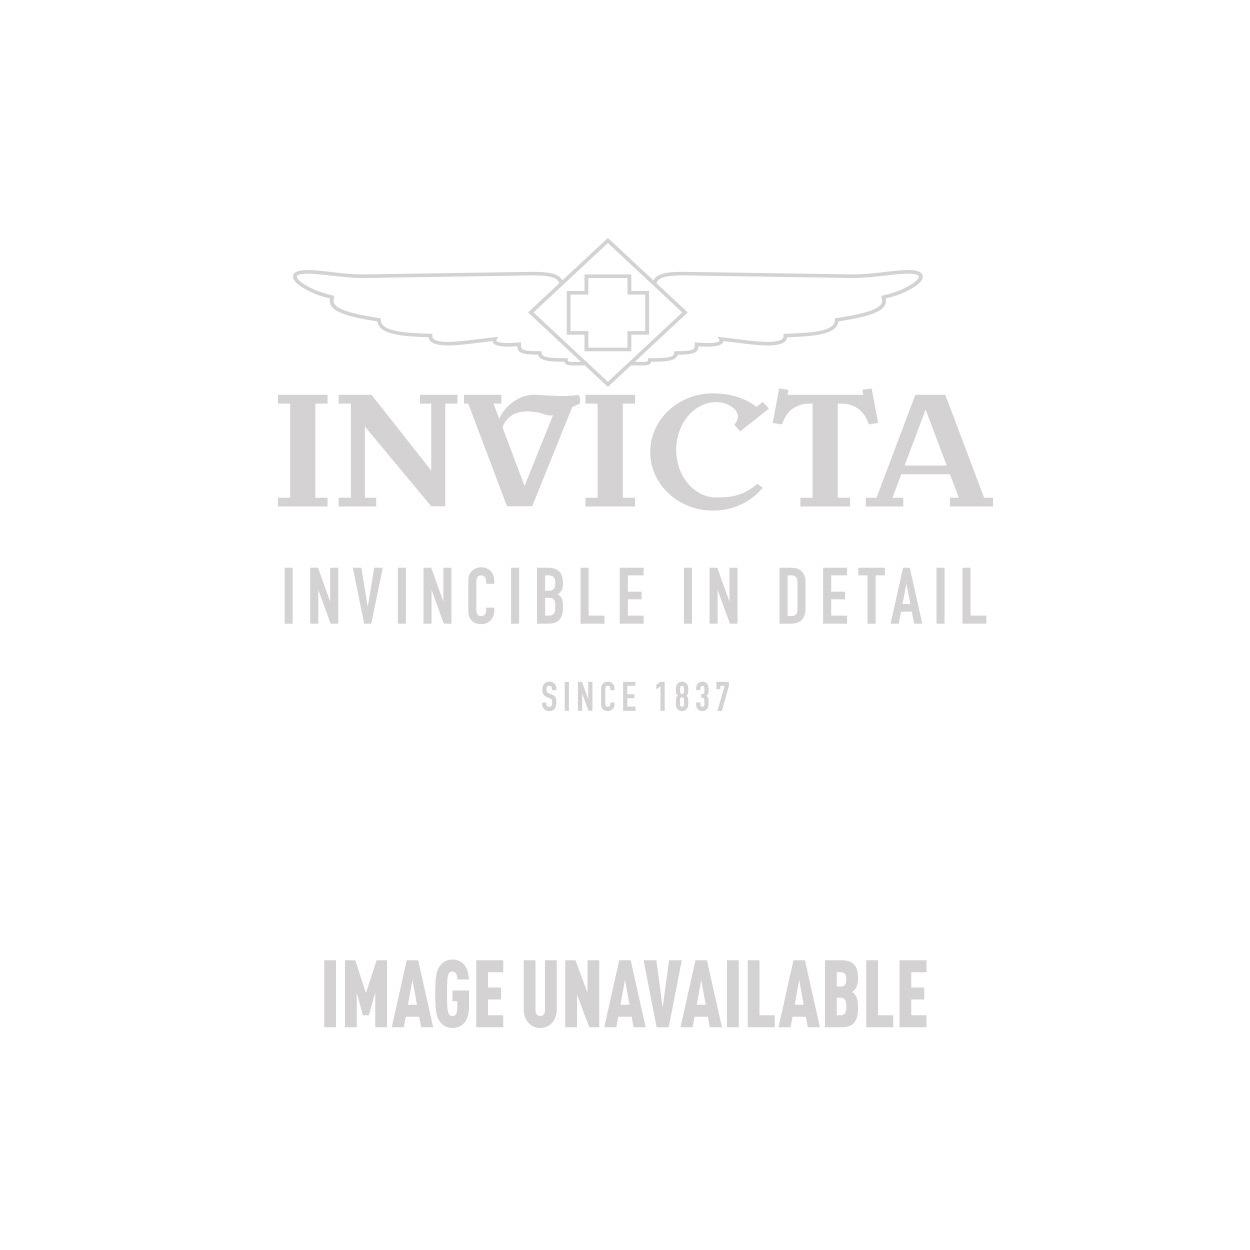 Invicta Model 25362